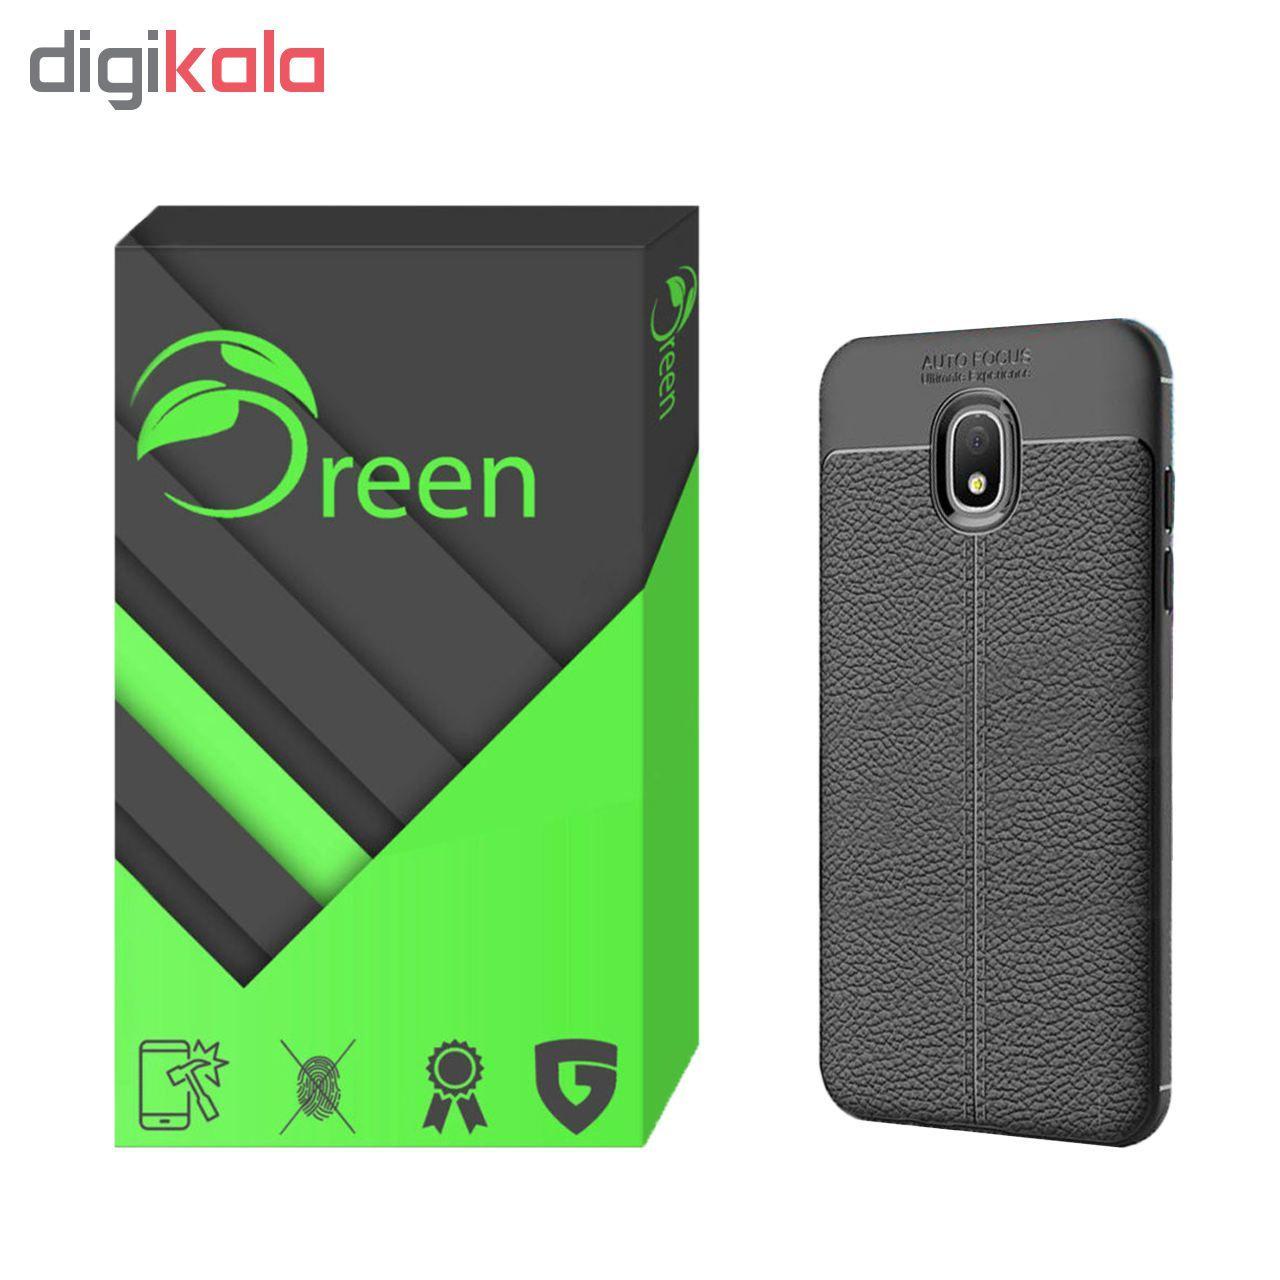 کاور گرین مدل AF-001 مناسب برای گوشی موبایل سامسونگ Galaxy J5 Pro/ J530 main 1 1